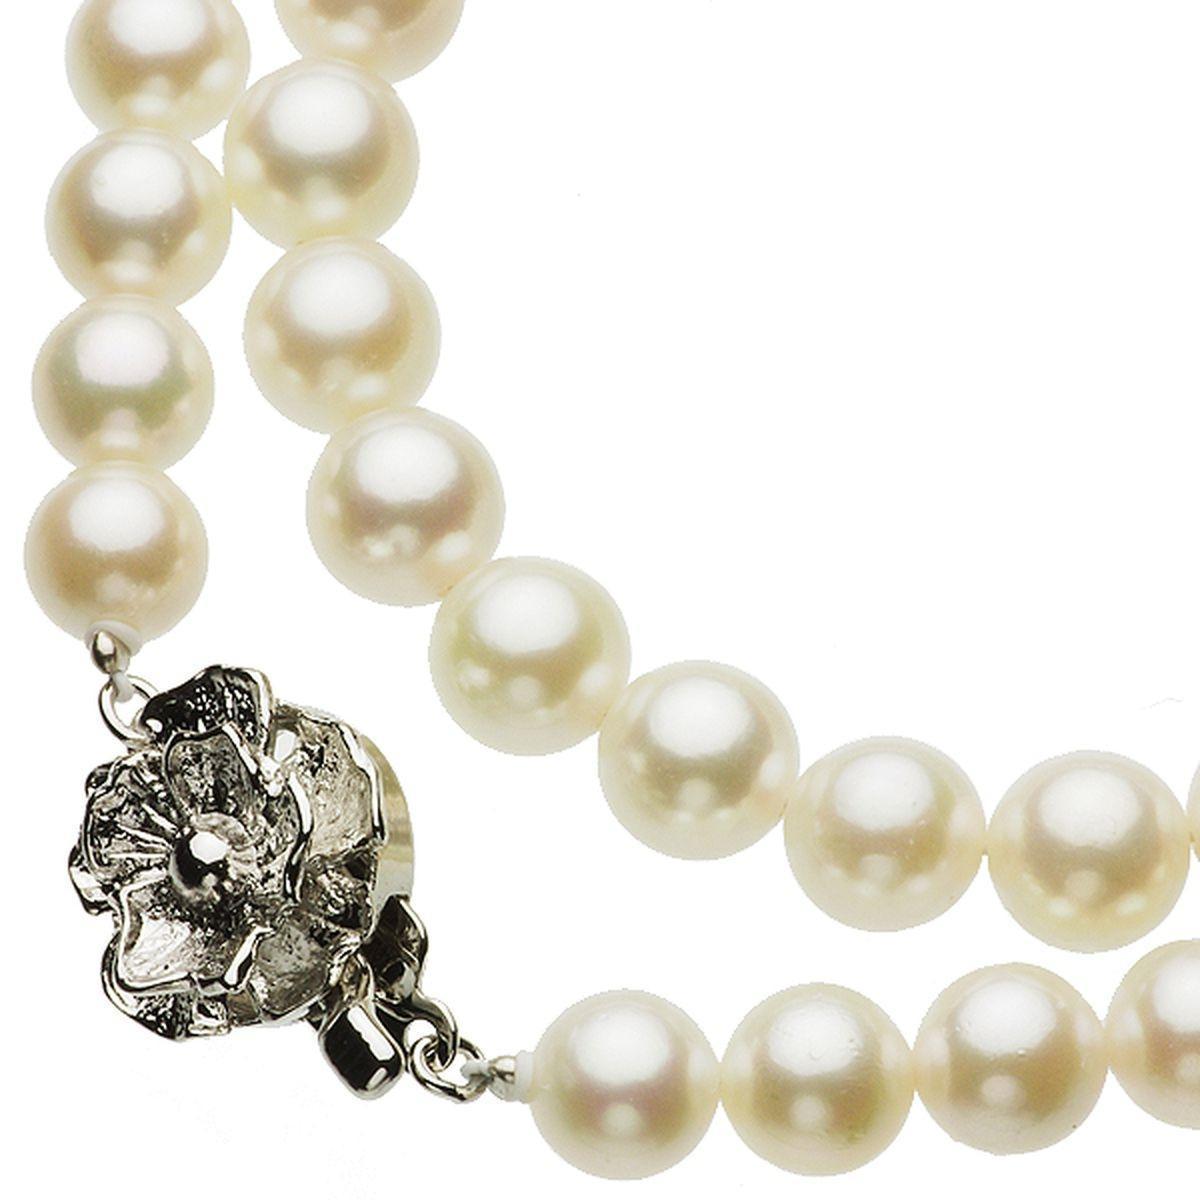 真珠ネックレス ピアス セット アコヤ真珠 約7.0-7.5mm シルバー sv 521の写真